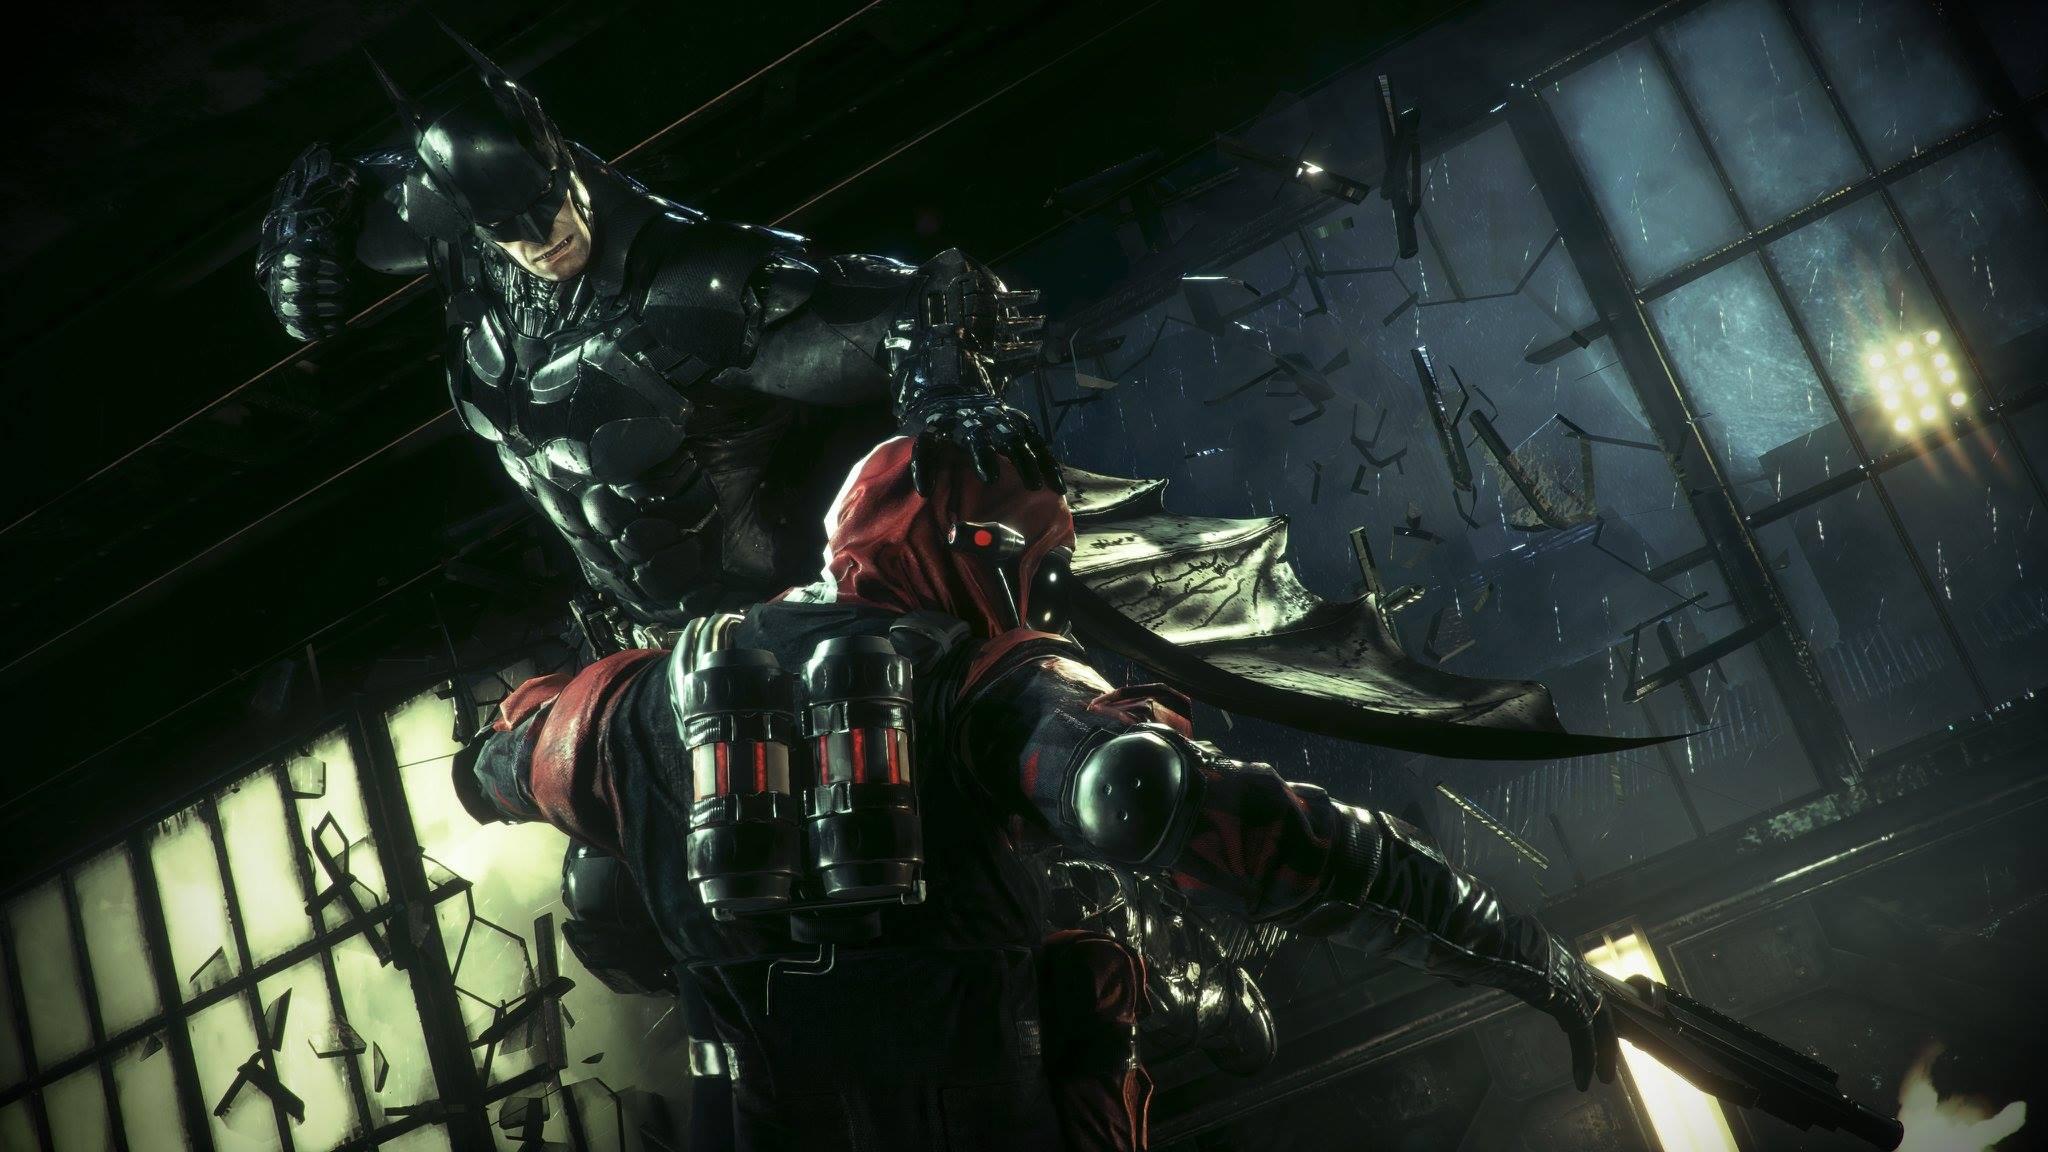 Картинки бэтмен рыцарь аркхема